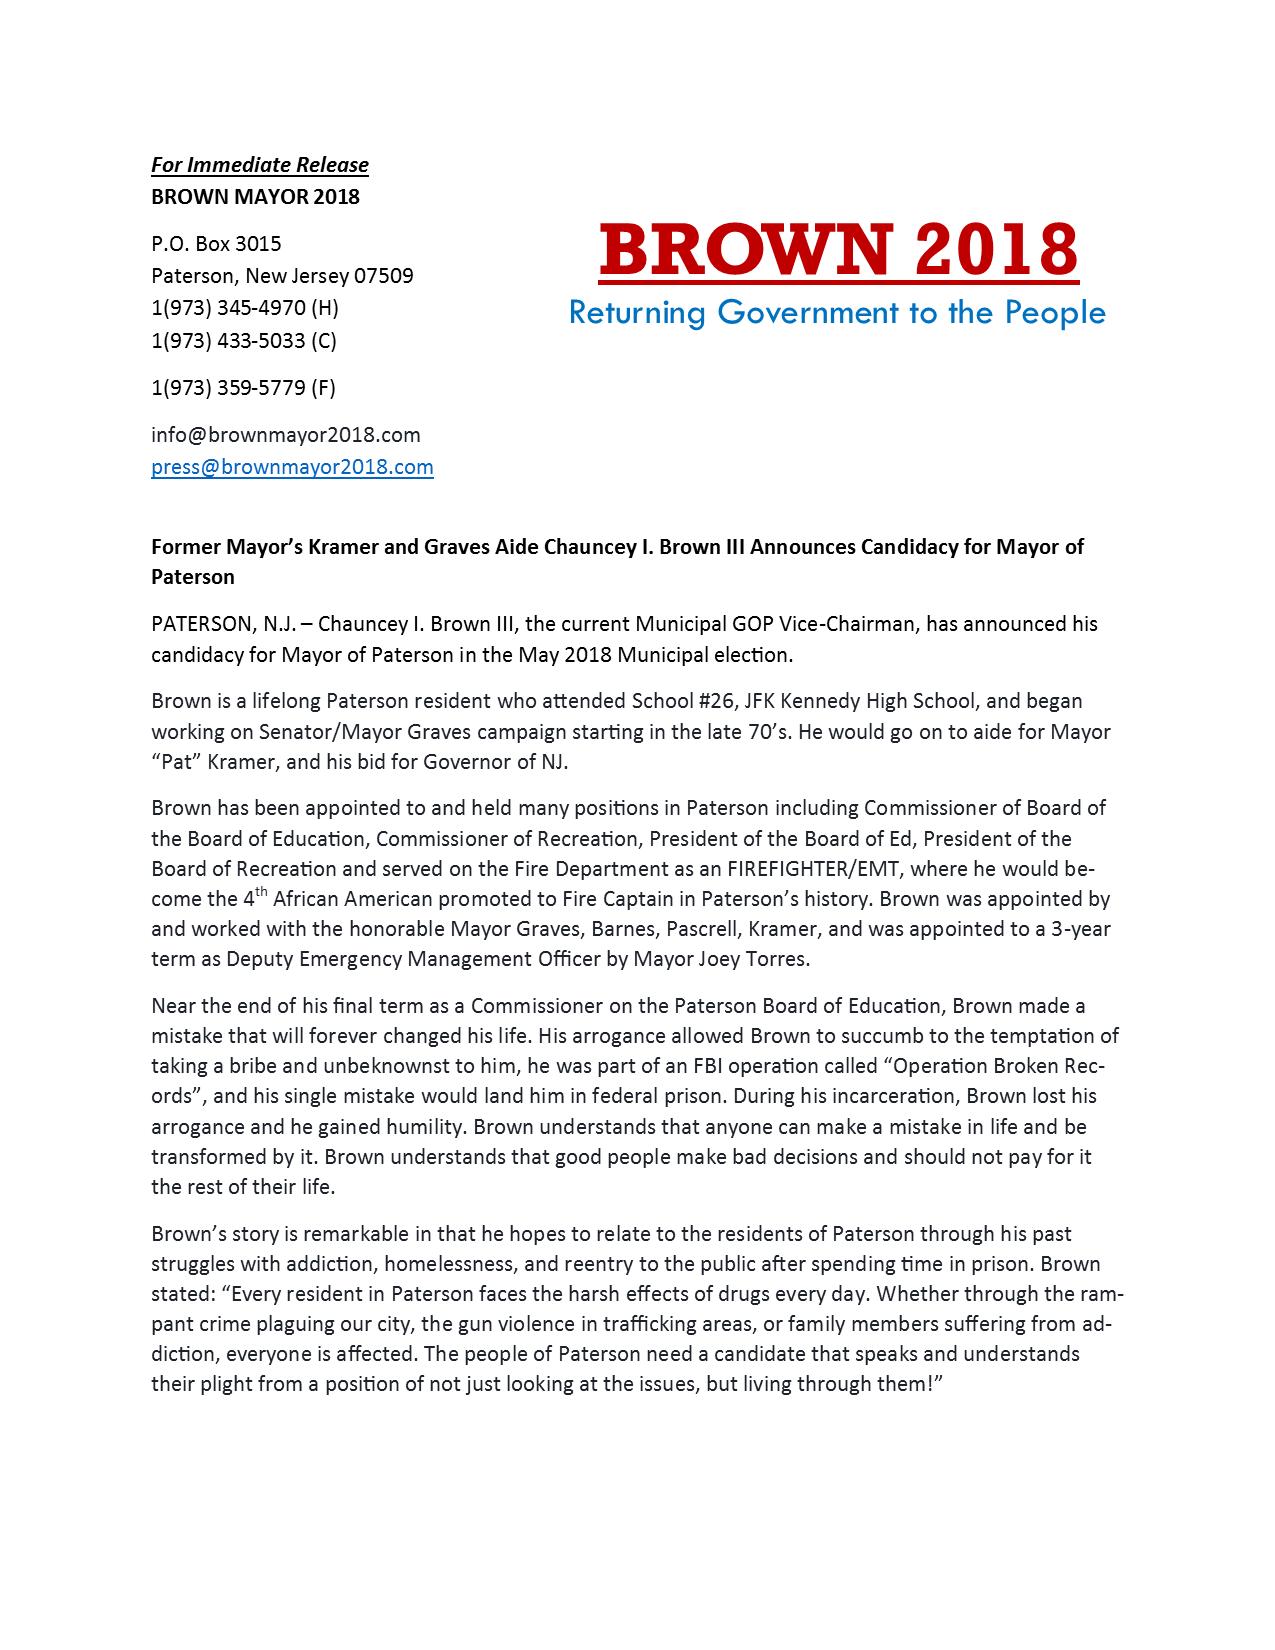 068312eecc710869ed48_Brown_Mayor_2018_1.jpg